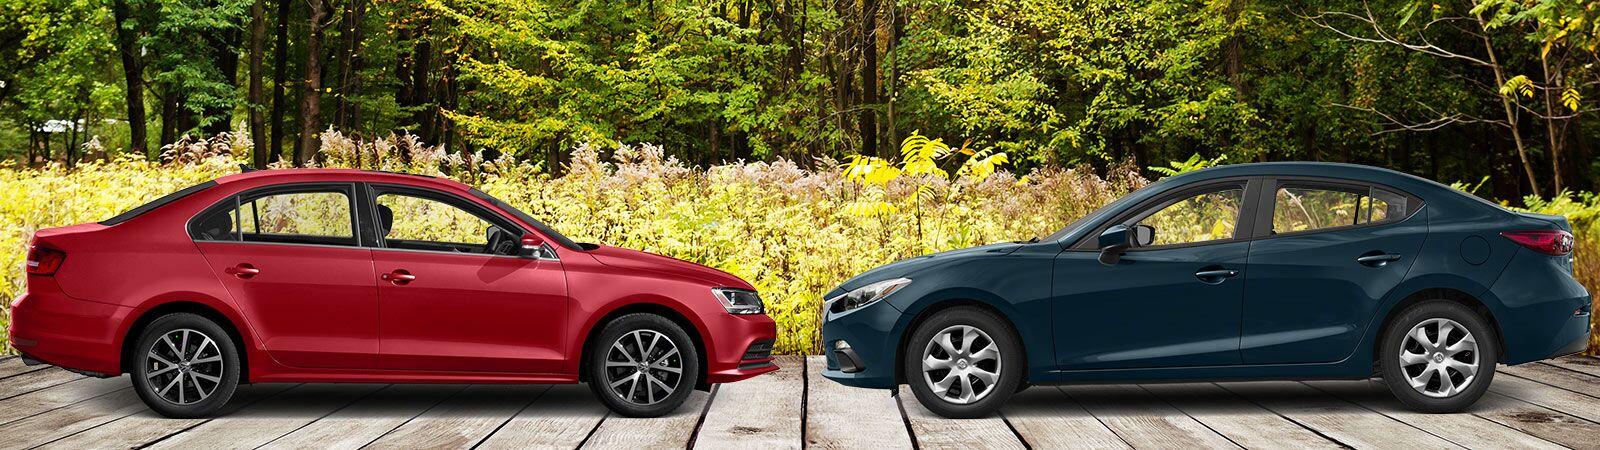 2017 Volkswagen Jetta vs 2016 Mazda3